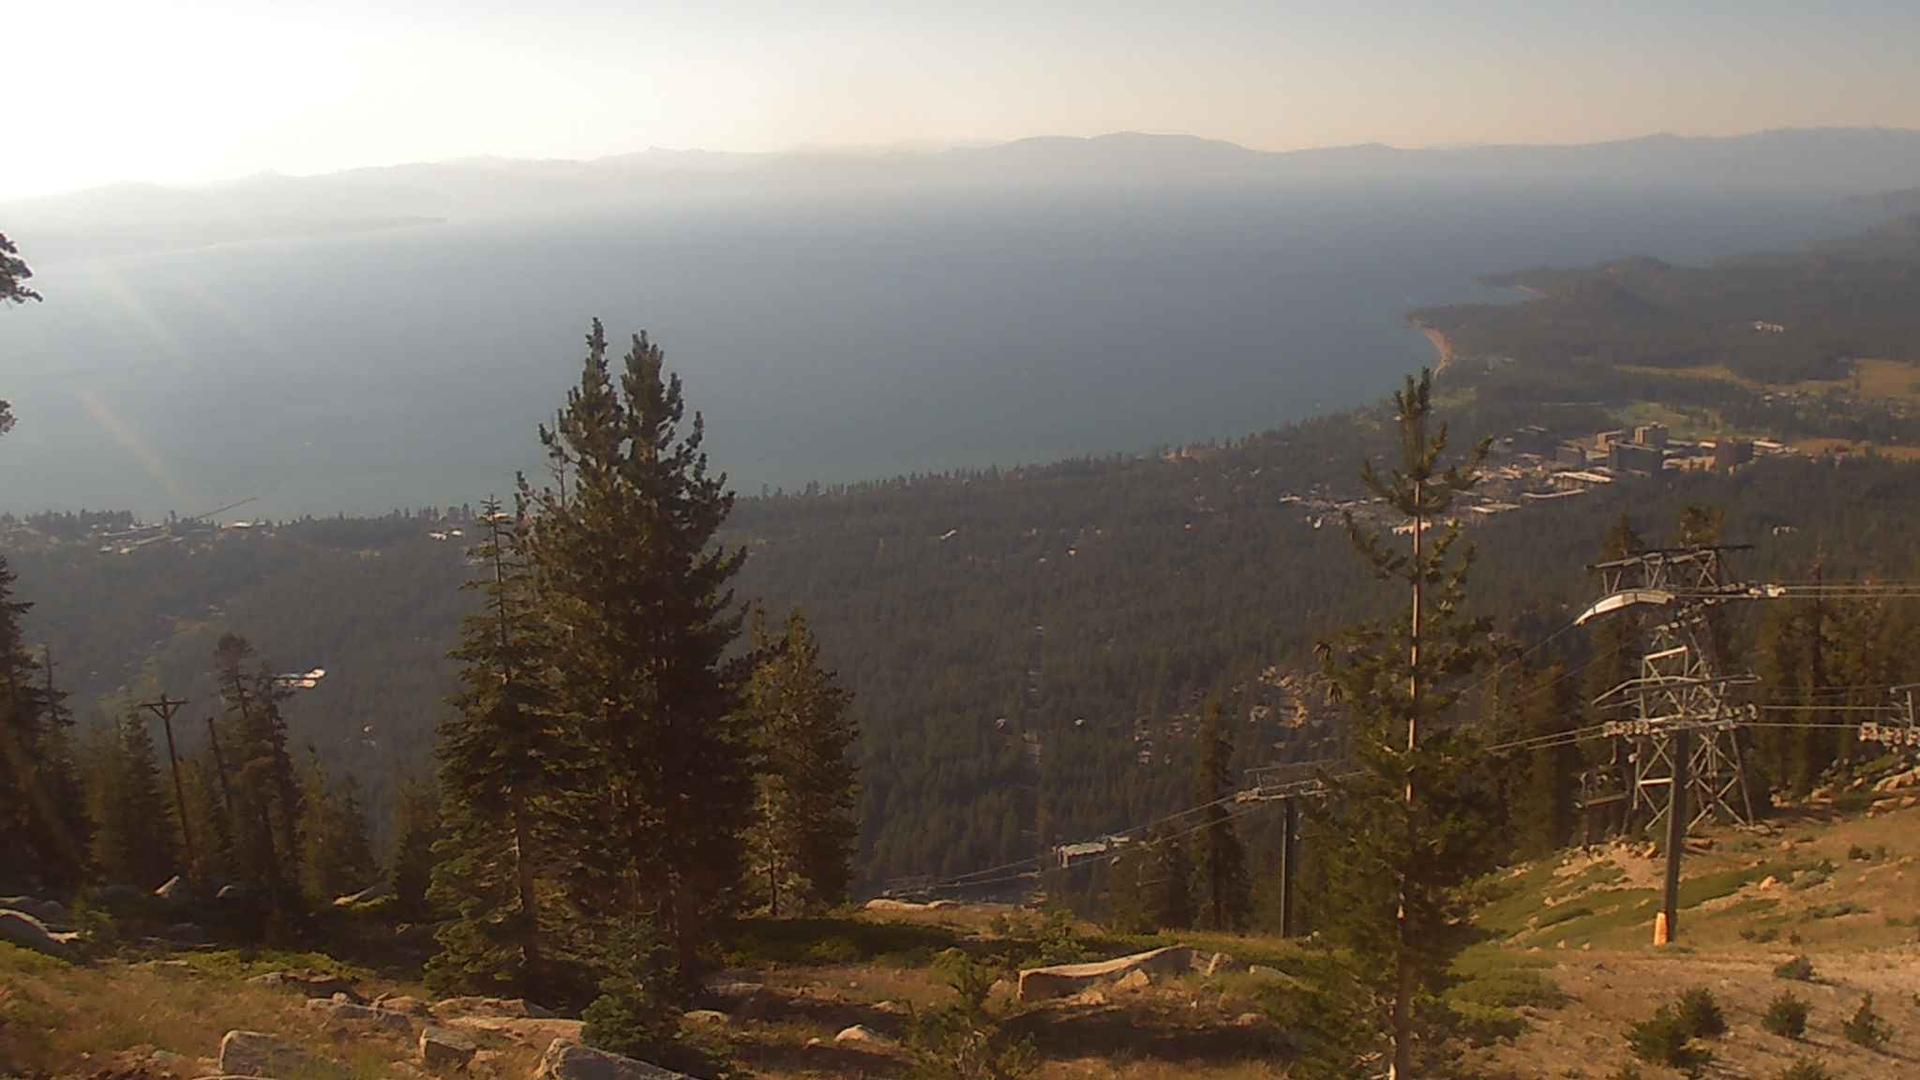 Webkamera South Lake Tahoe: Lake Tahoe